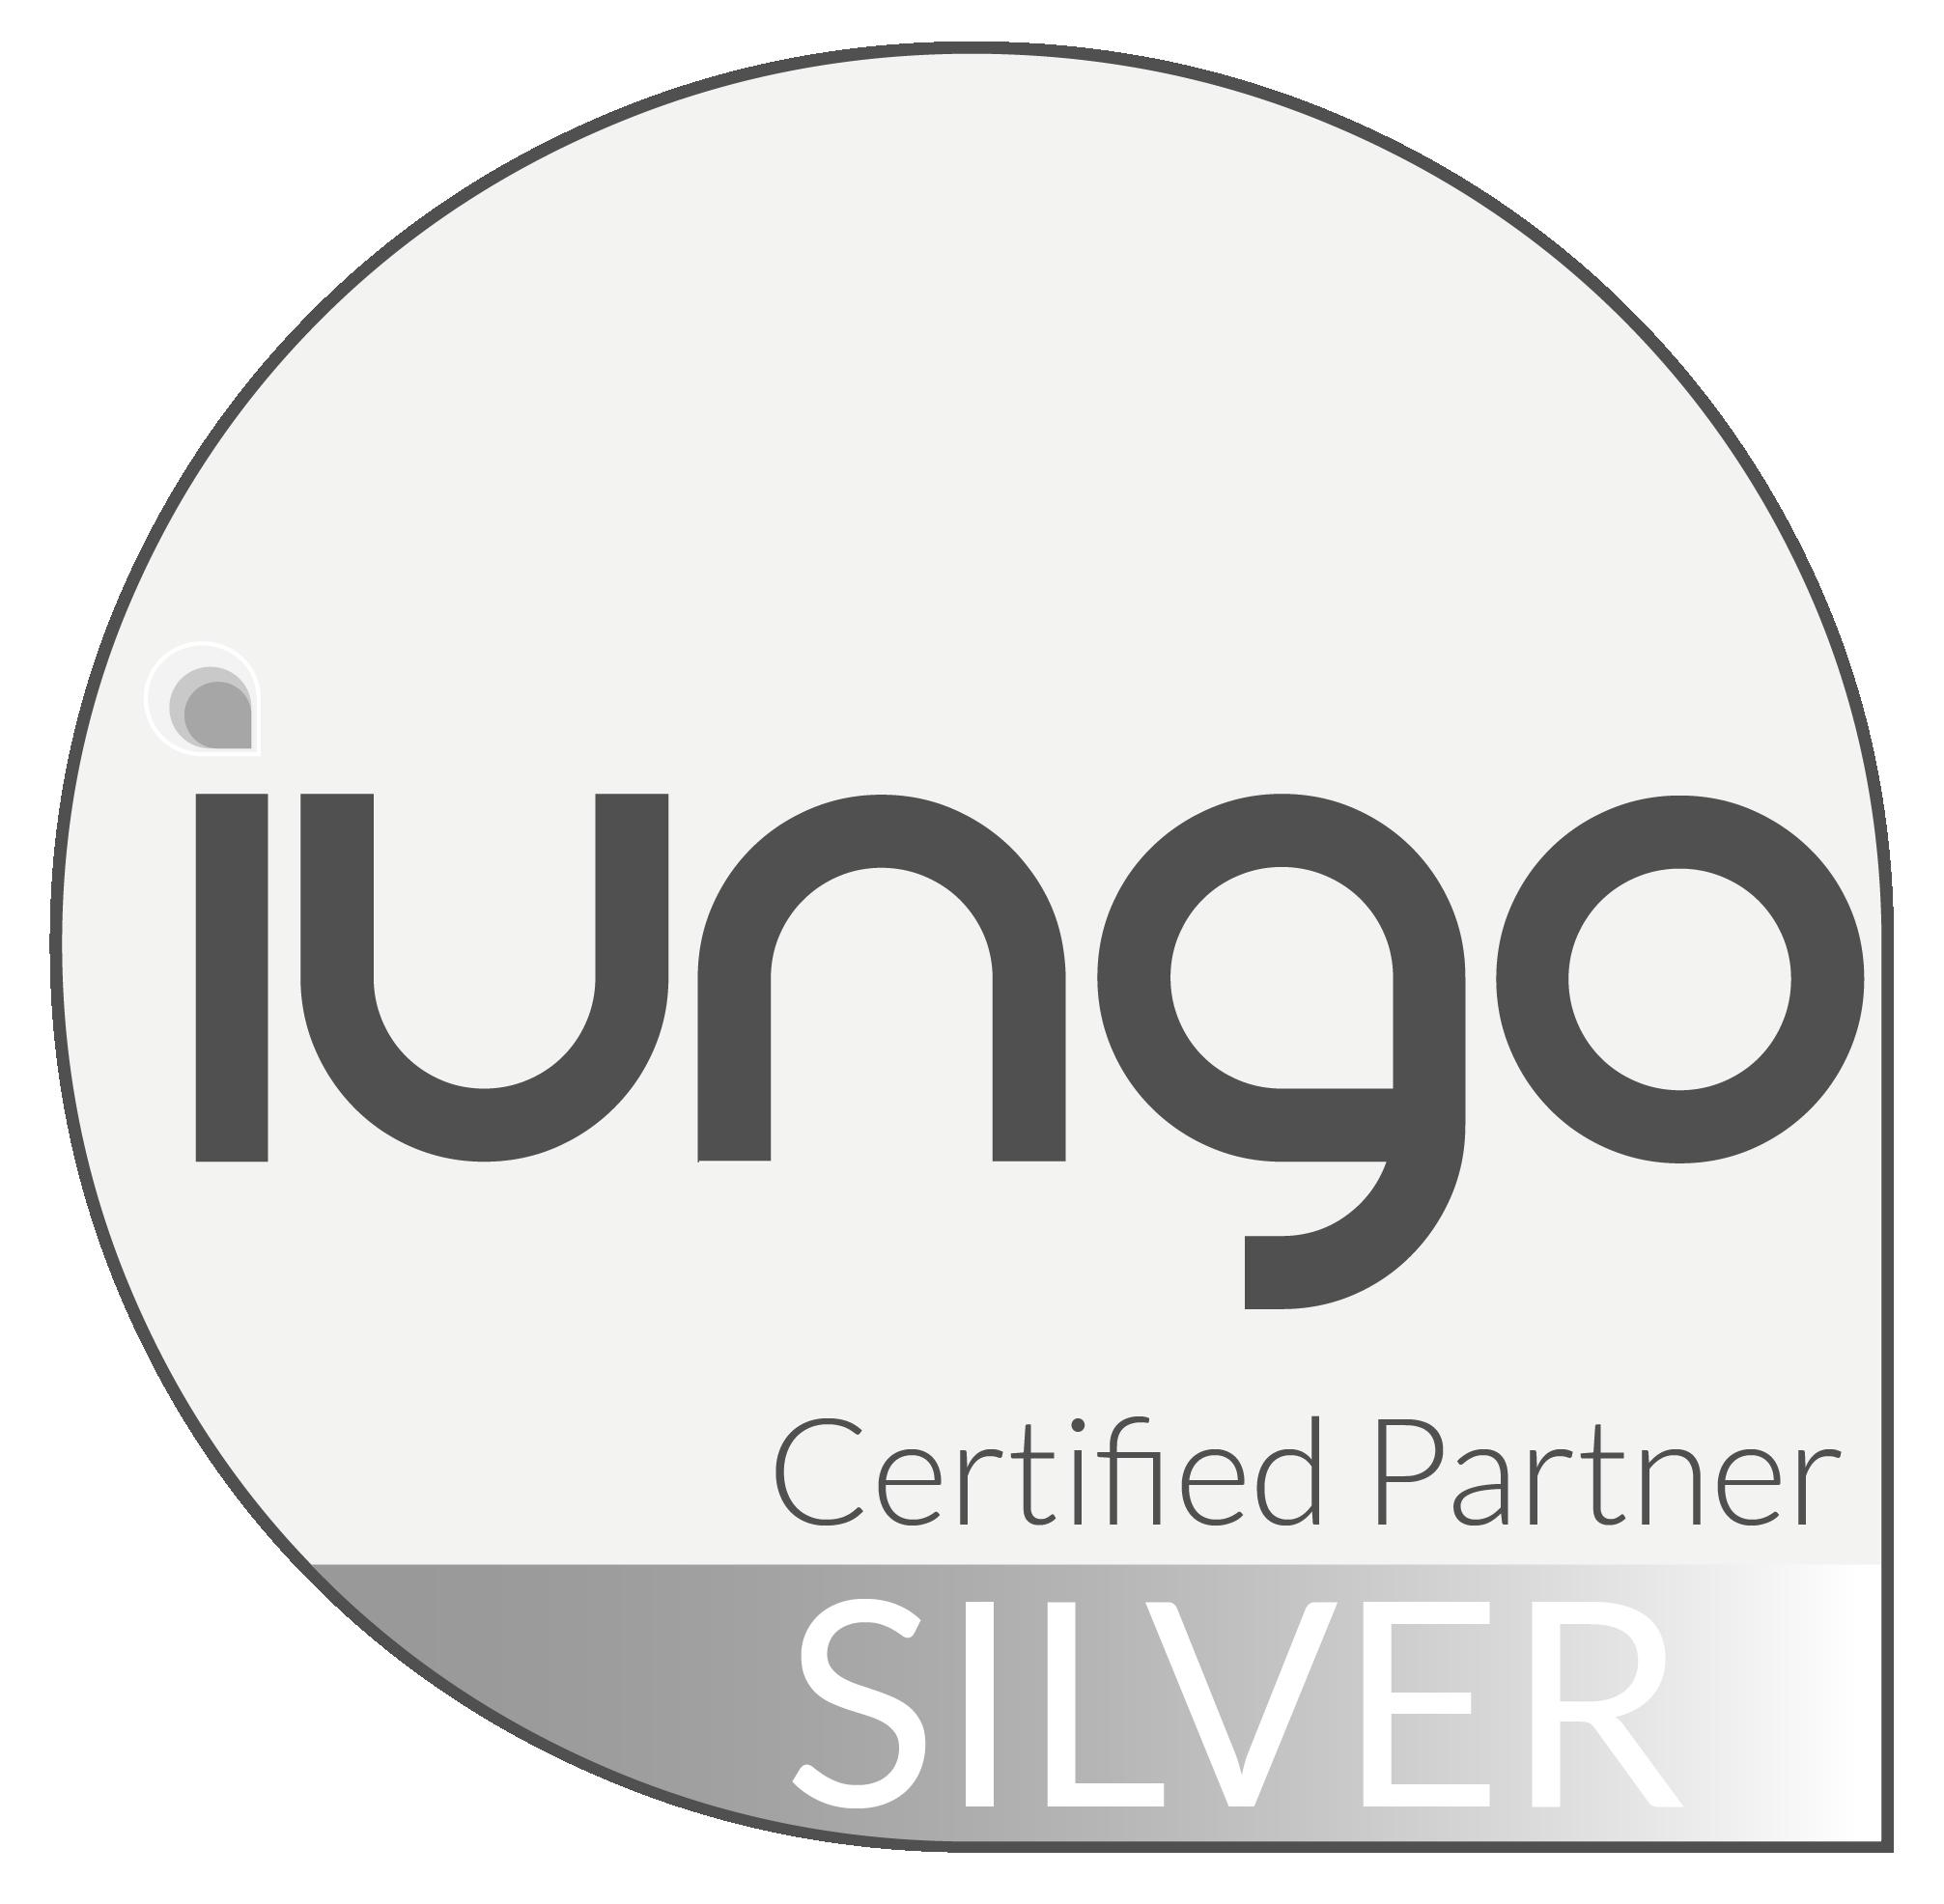 partner silver